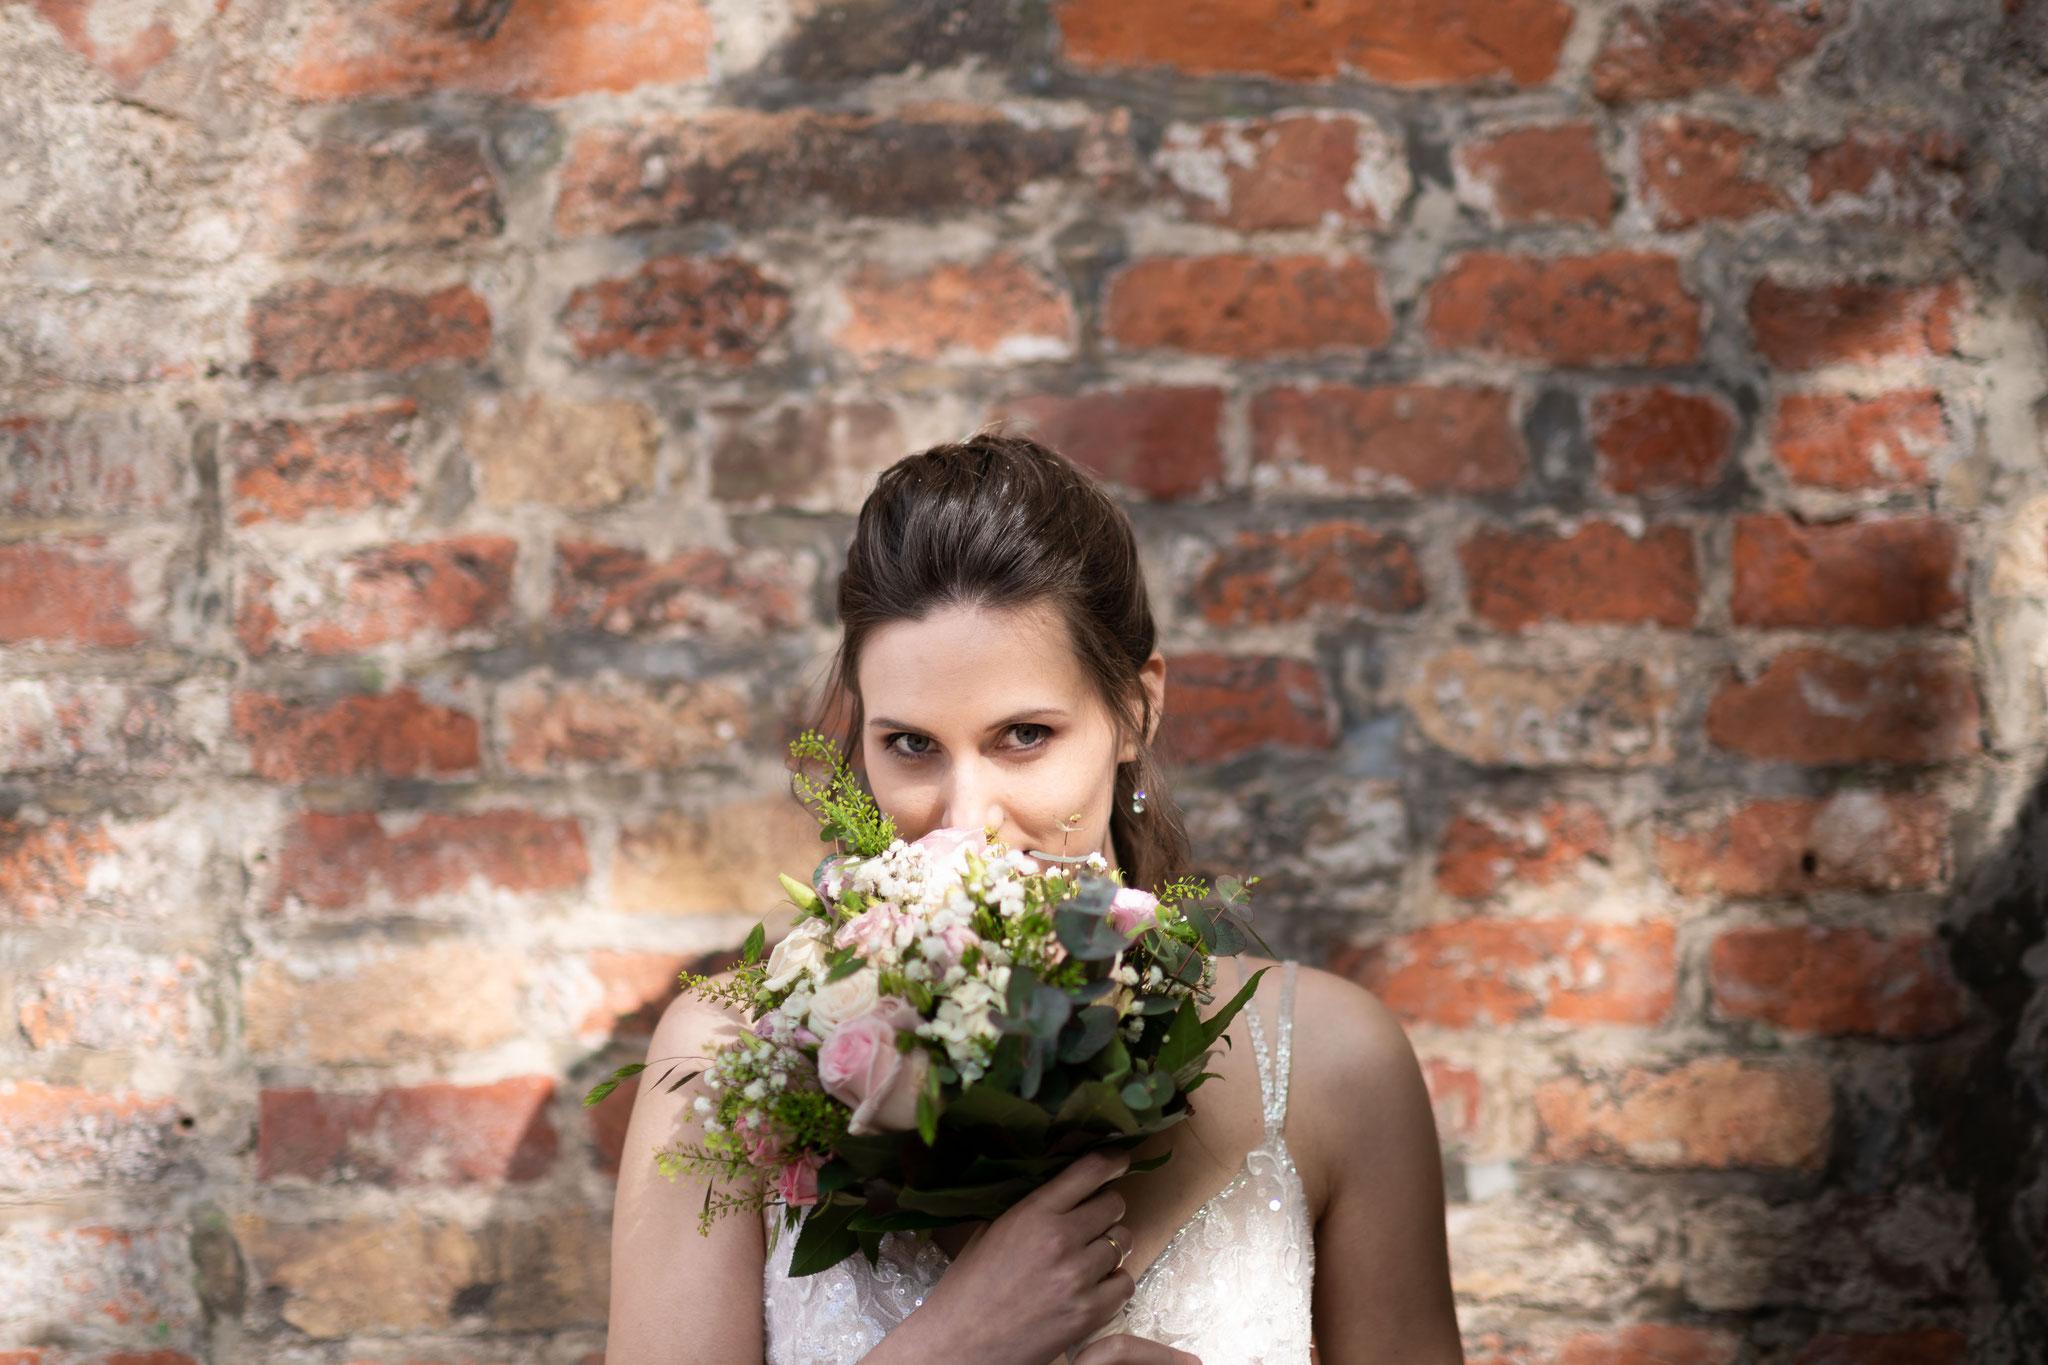 Meine Hochzeit vom professionellen Kamerateam Deutschlandweit filmen und fotografieren lassen